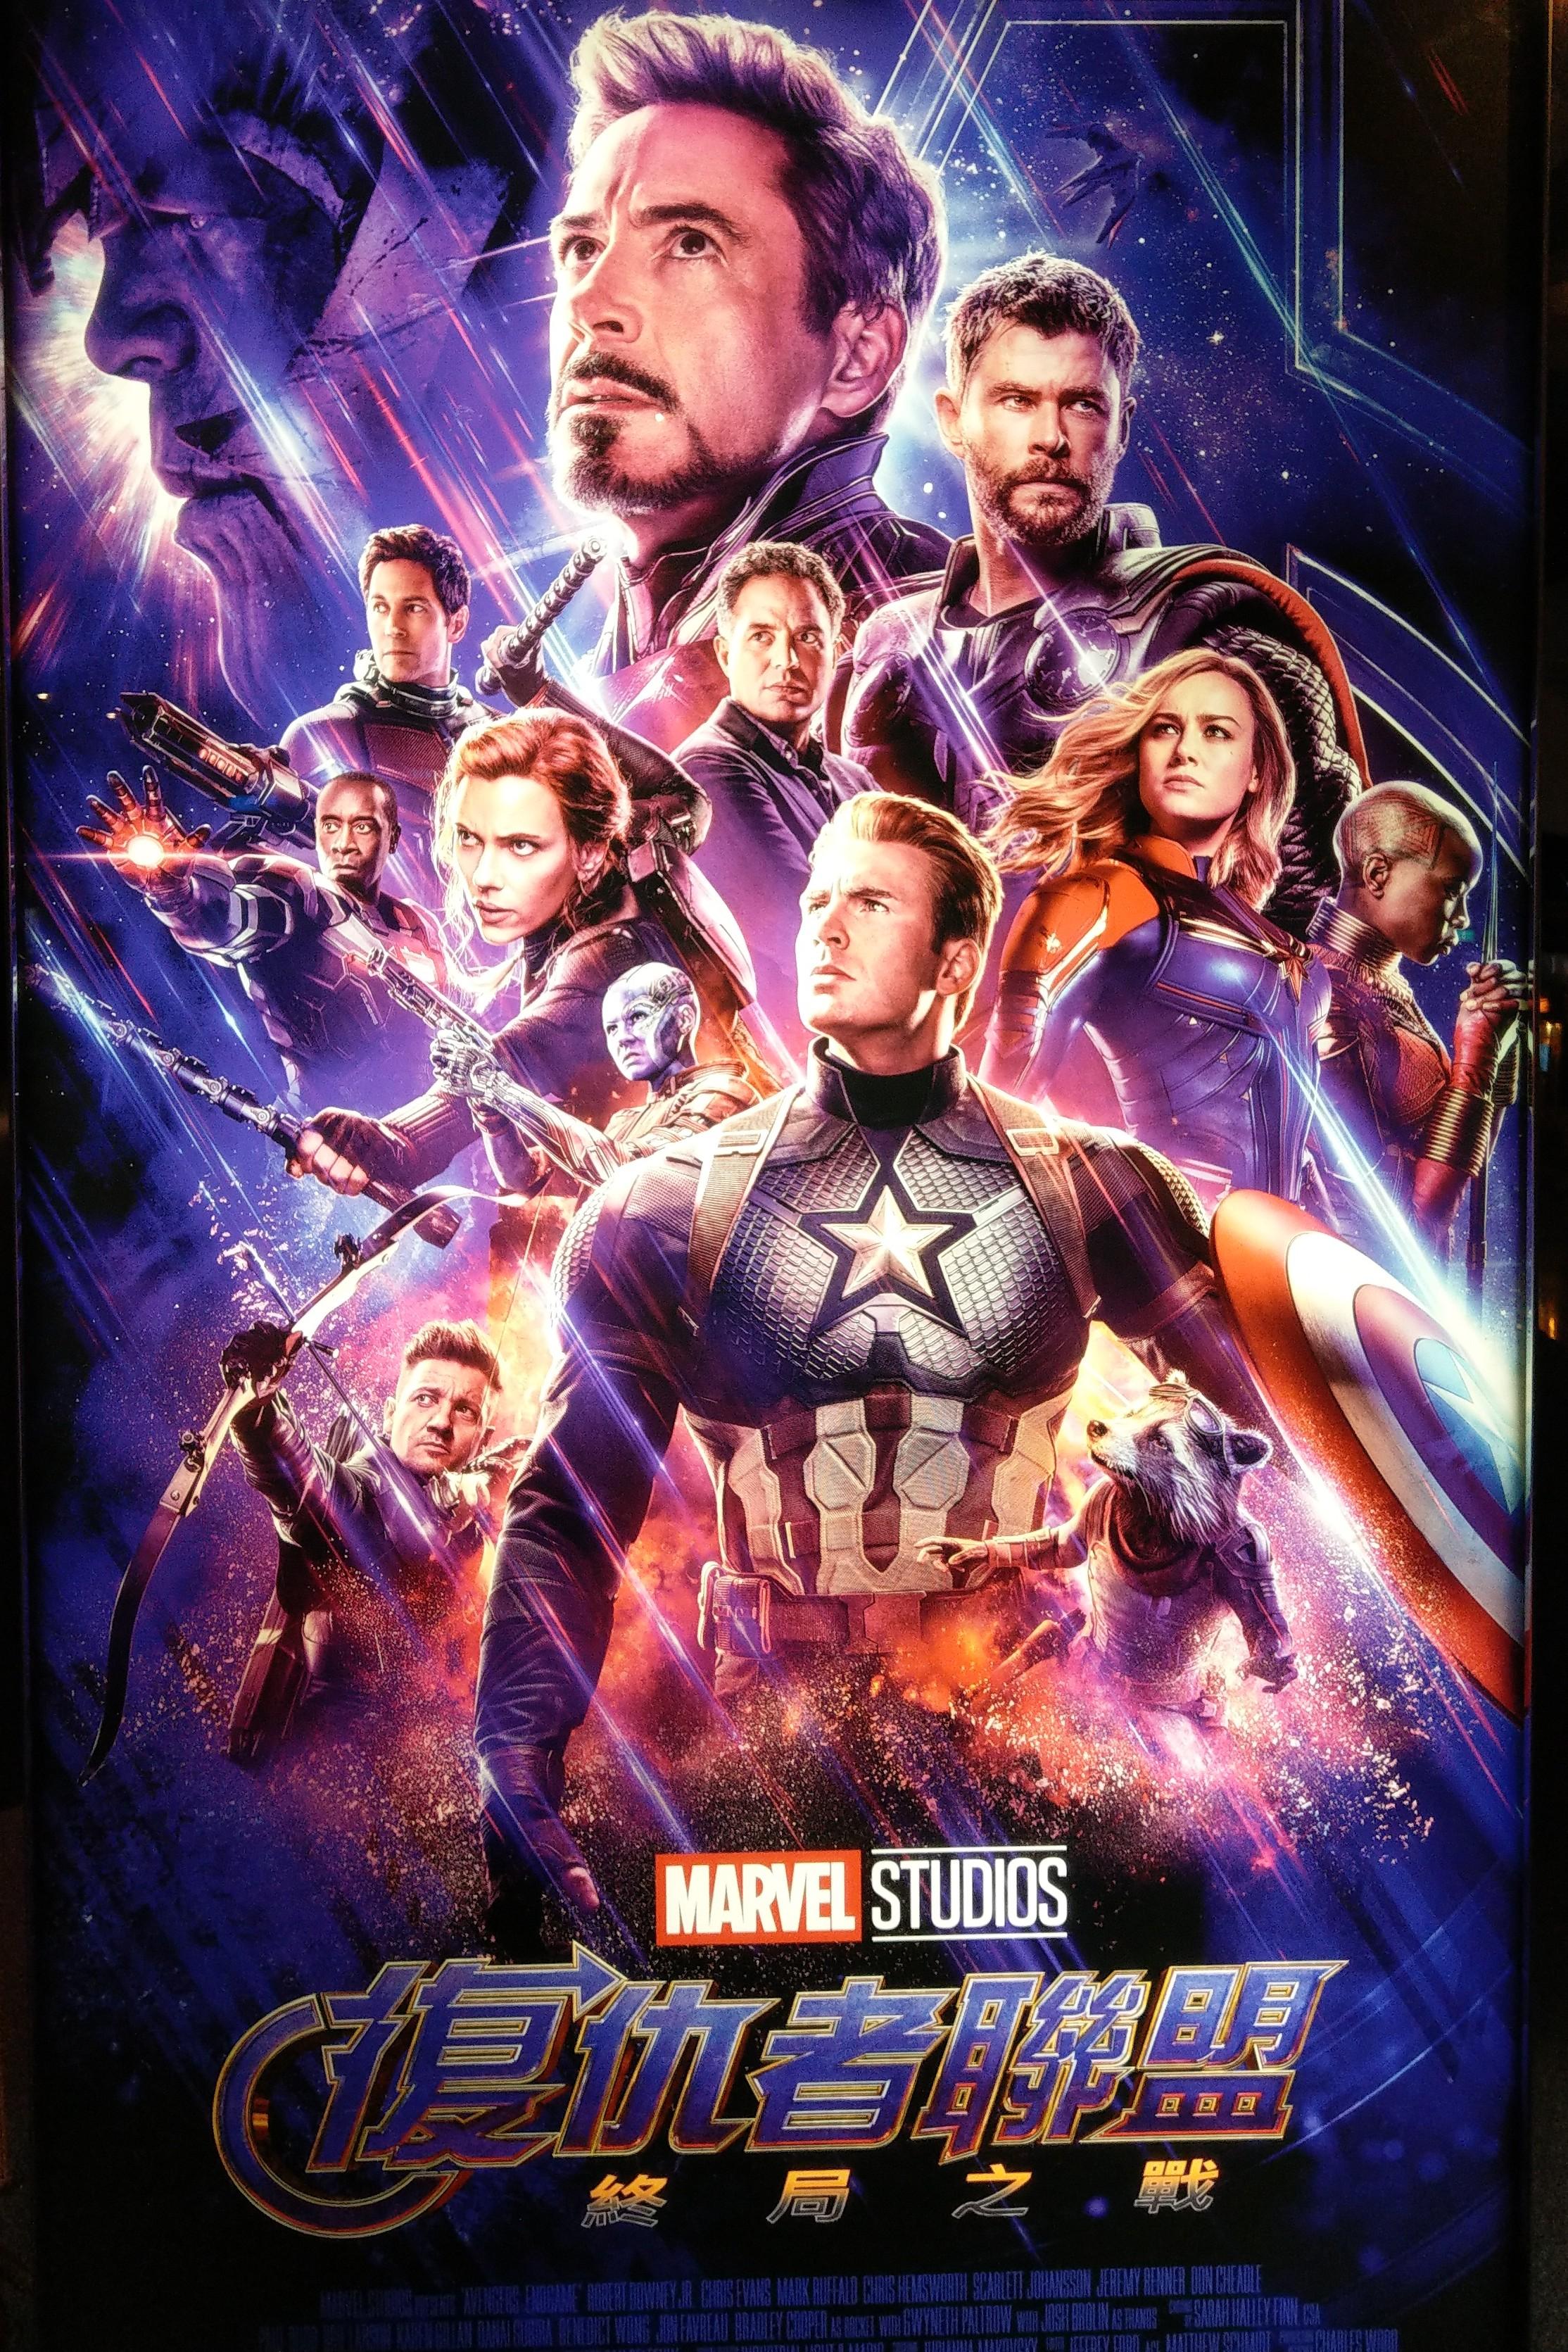 復仇者聯盟4:終局之戰(Avengers: Endgame)-感謝我從小喜愛的美國隊長及鋼鐵人等各個充滿魅力的超級英雄們-電影心得